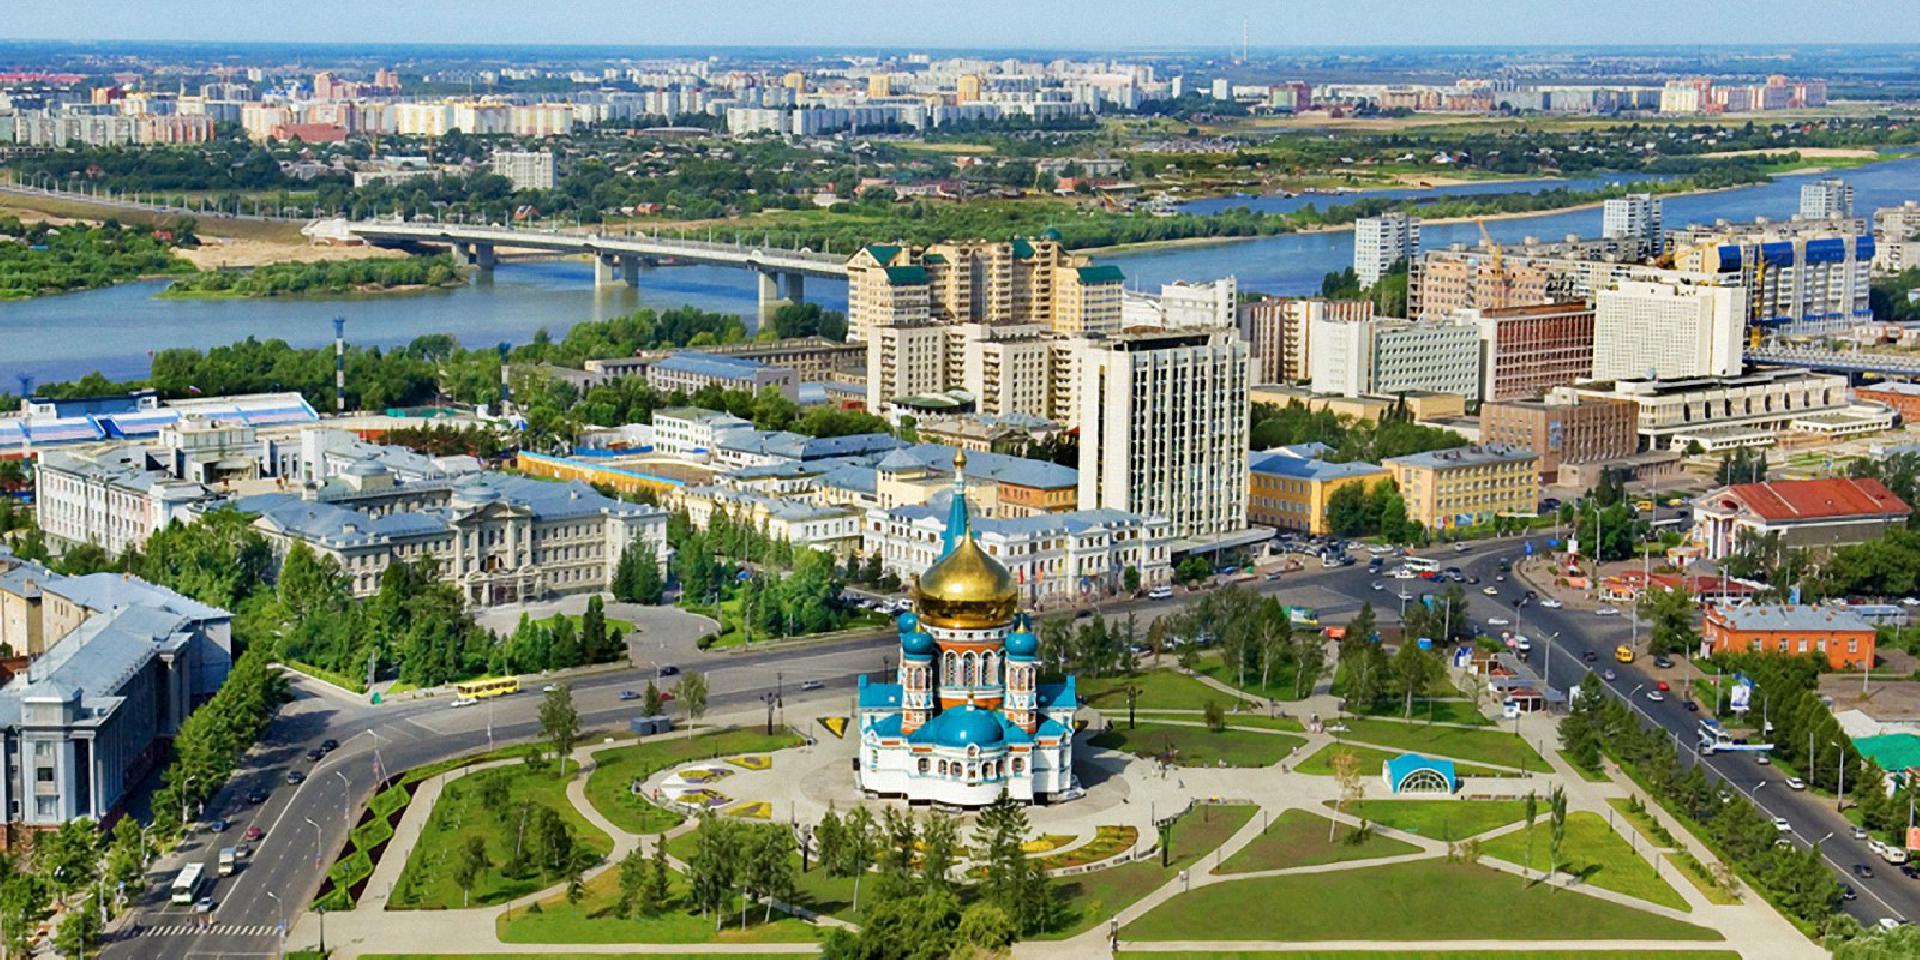 Какая минимальная и средняя пенсия по старости в Омске и Омской области в 2020 году? Где оформить пенсию ветерана?